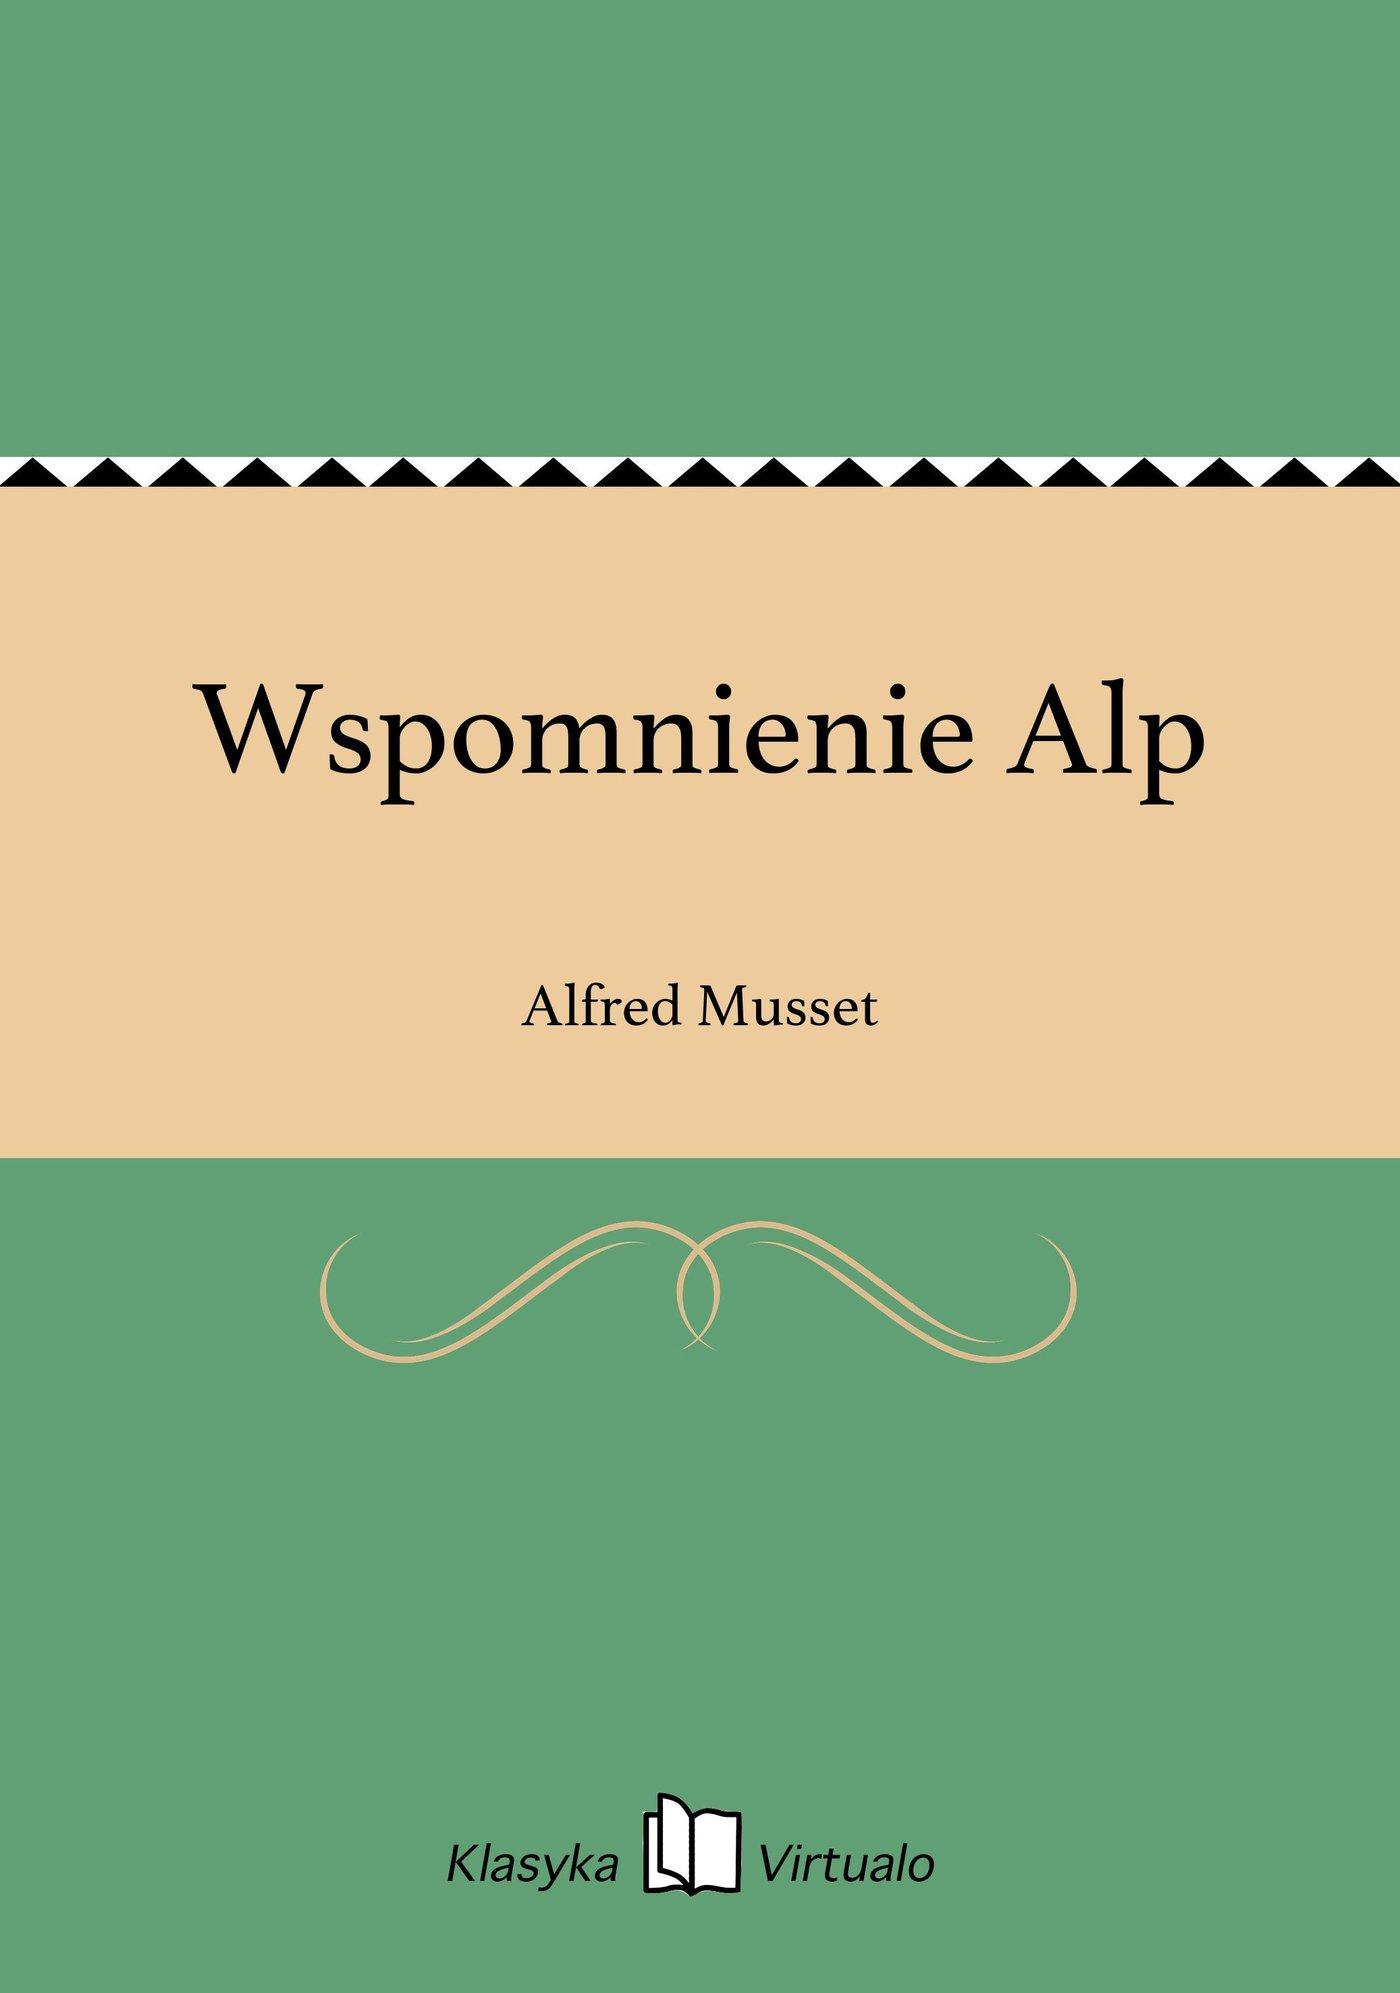 Wspomnienie Alp - Ebook (Książka EPUB) do pobrania w formacie EPUB